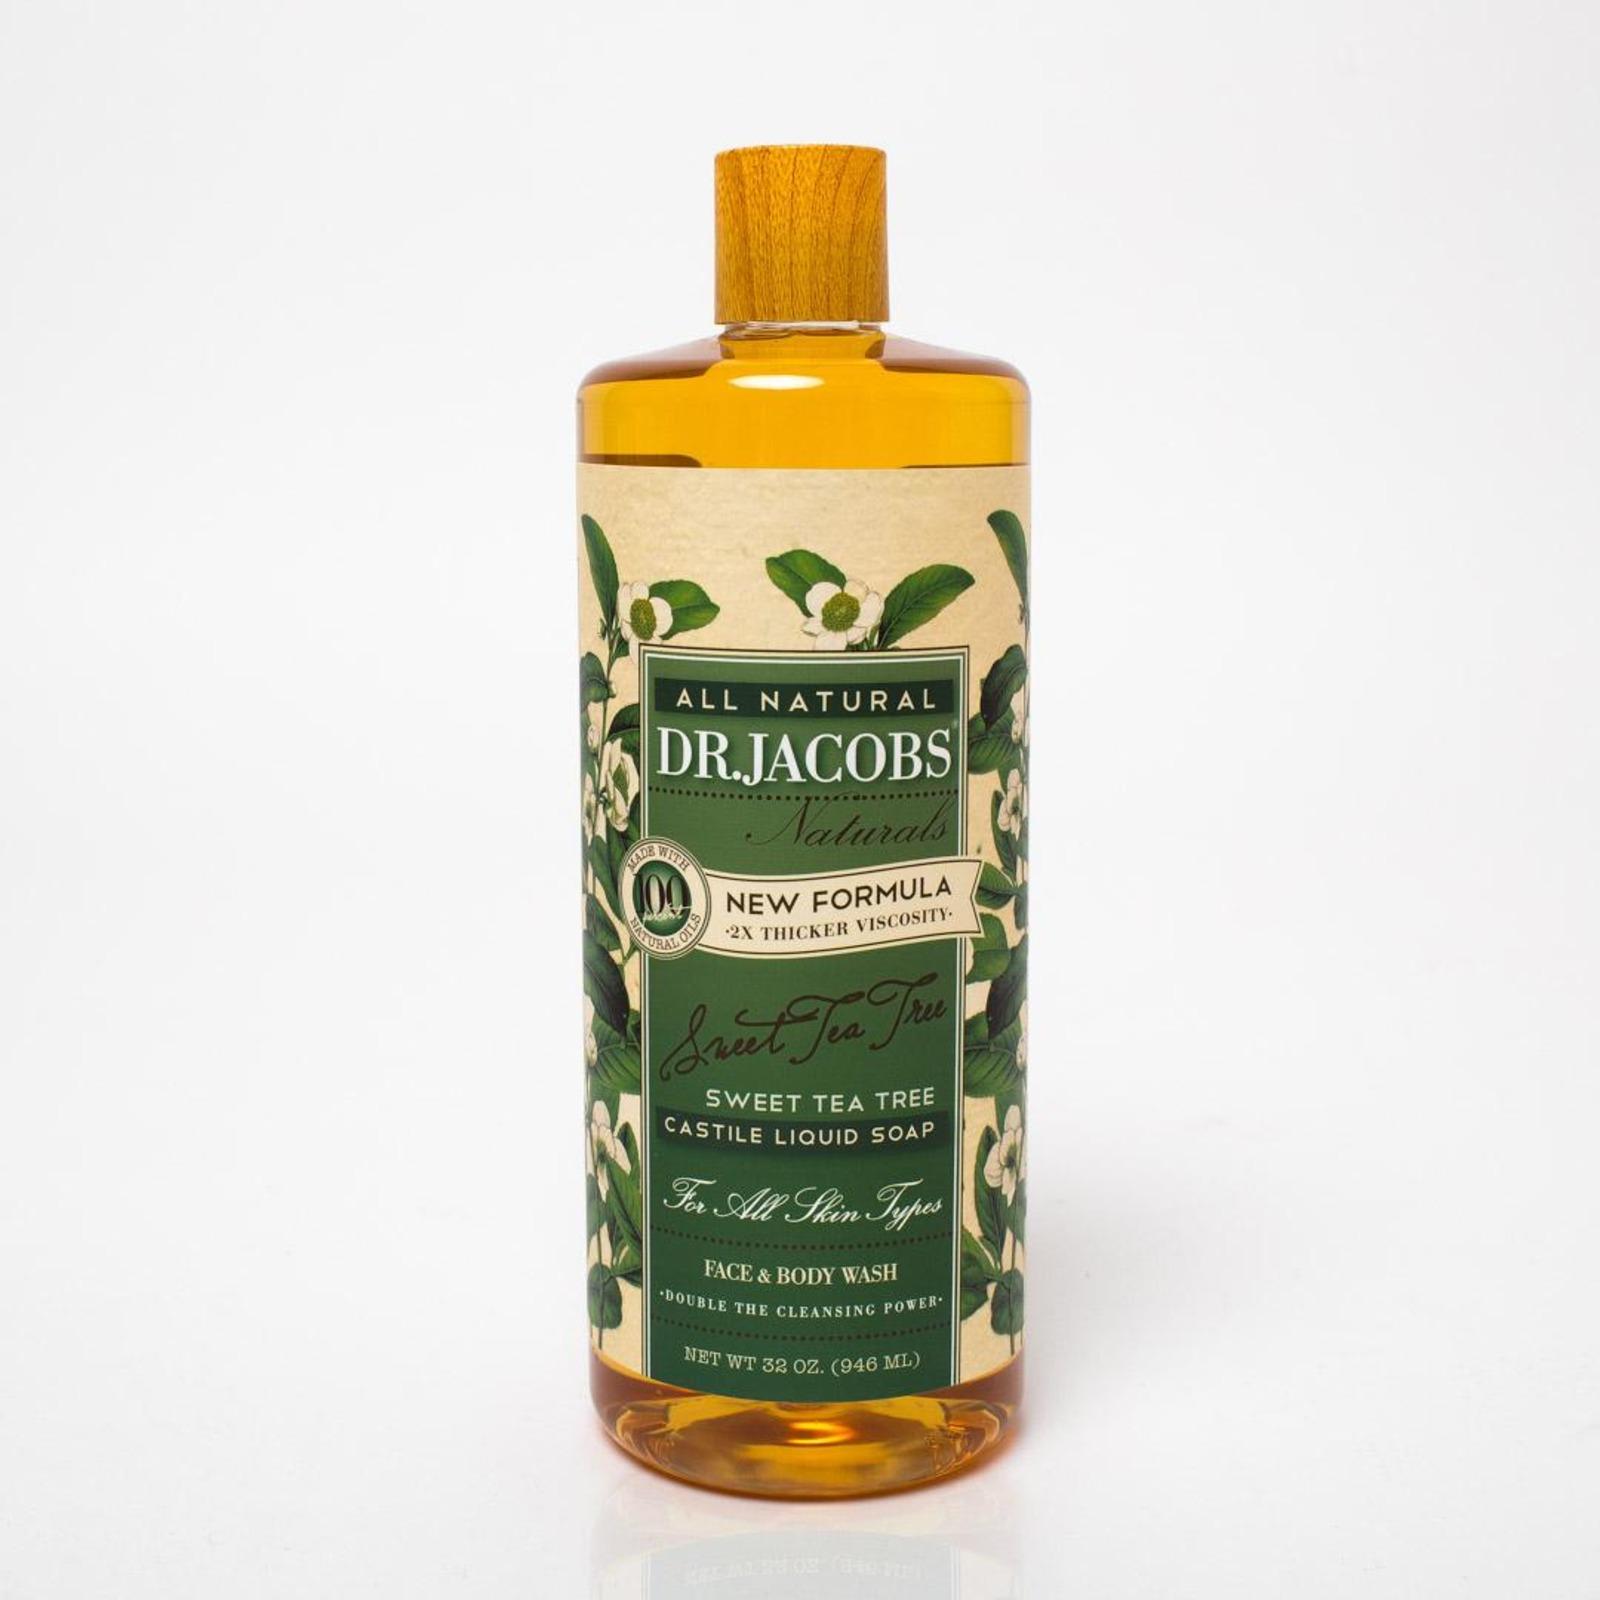 Dr. Jacobs Naturals Castile Liquid Soap Sweet Tea Tree